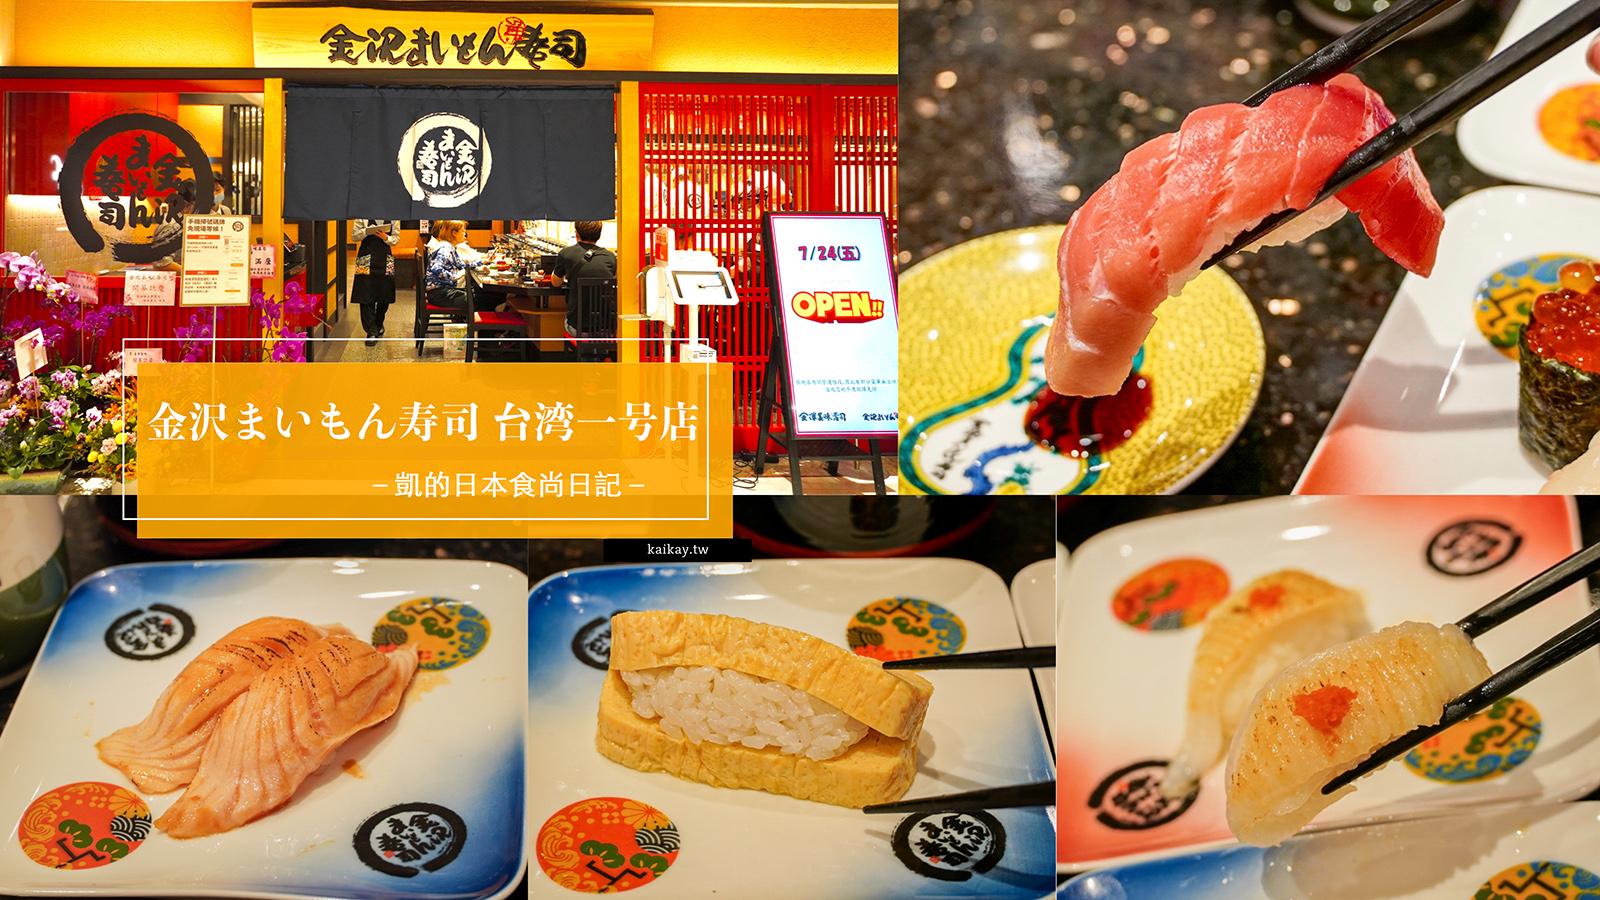 ☆【有片】金沢まいもん寿司 金澤美味壽司真的美味嗎?感想老實說 @凱的日本食尚日記